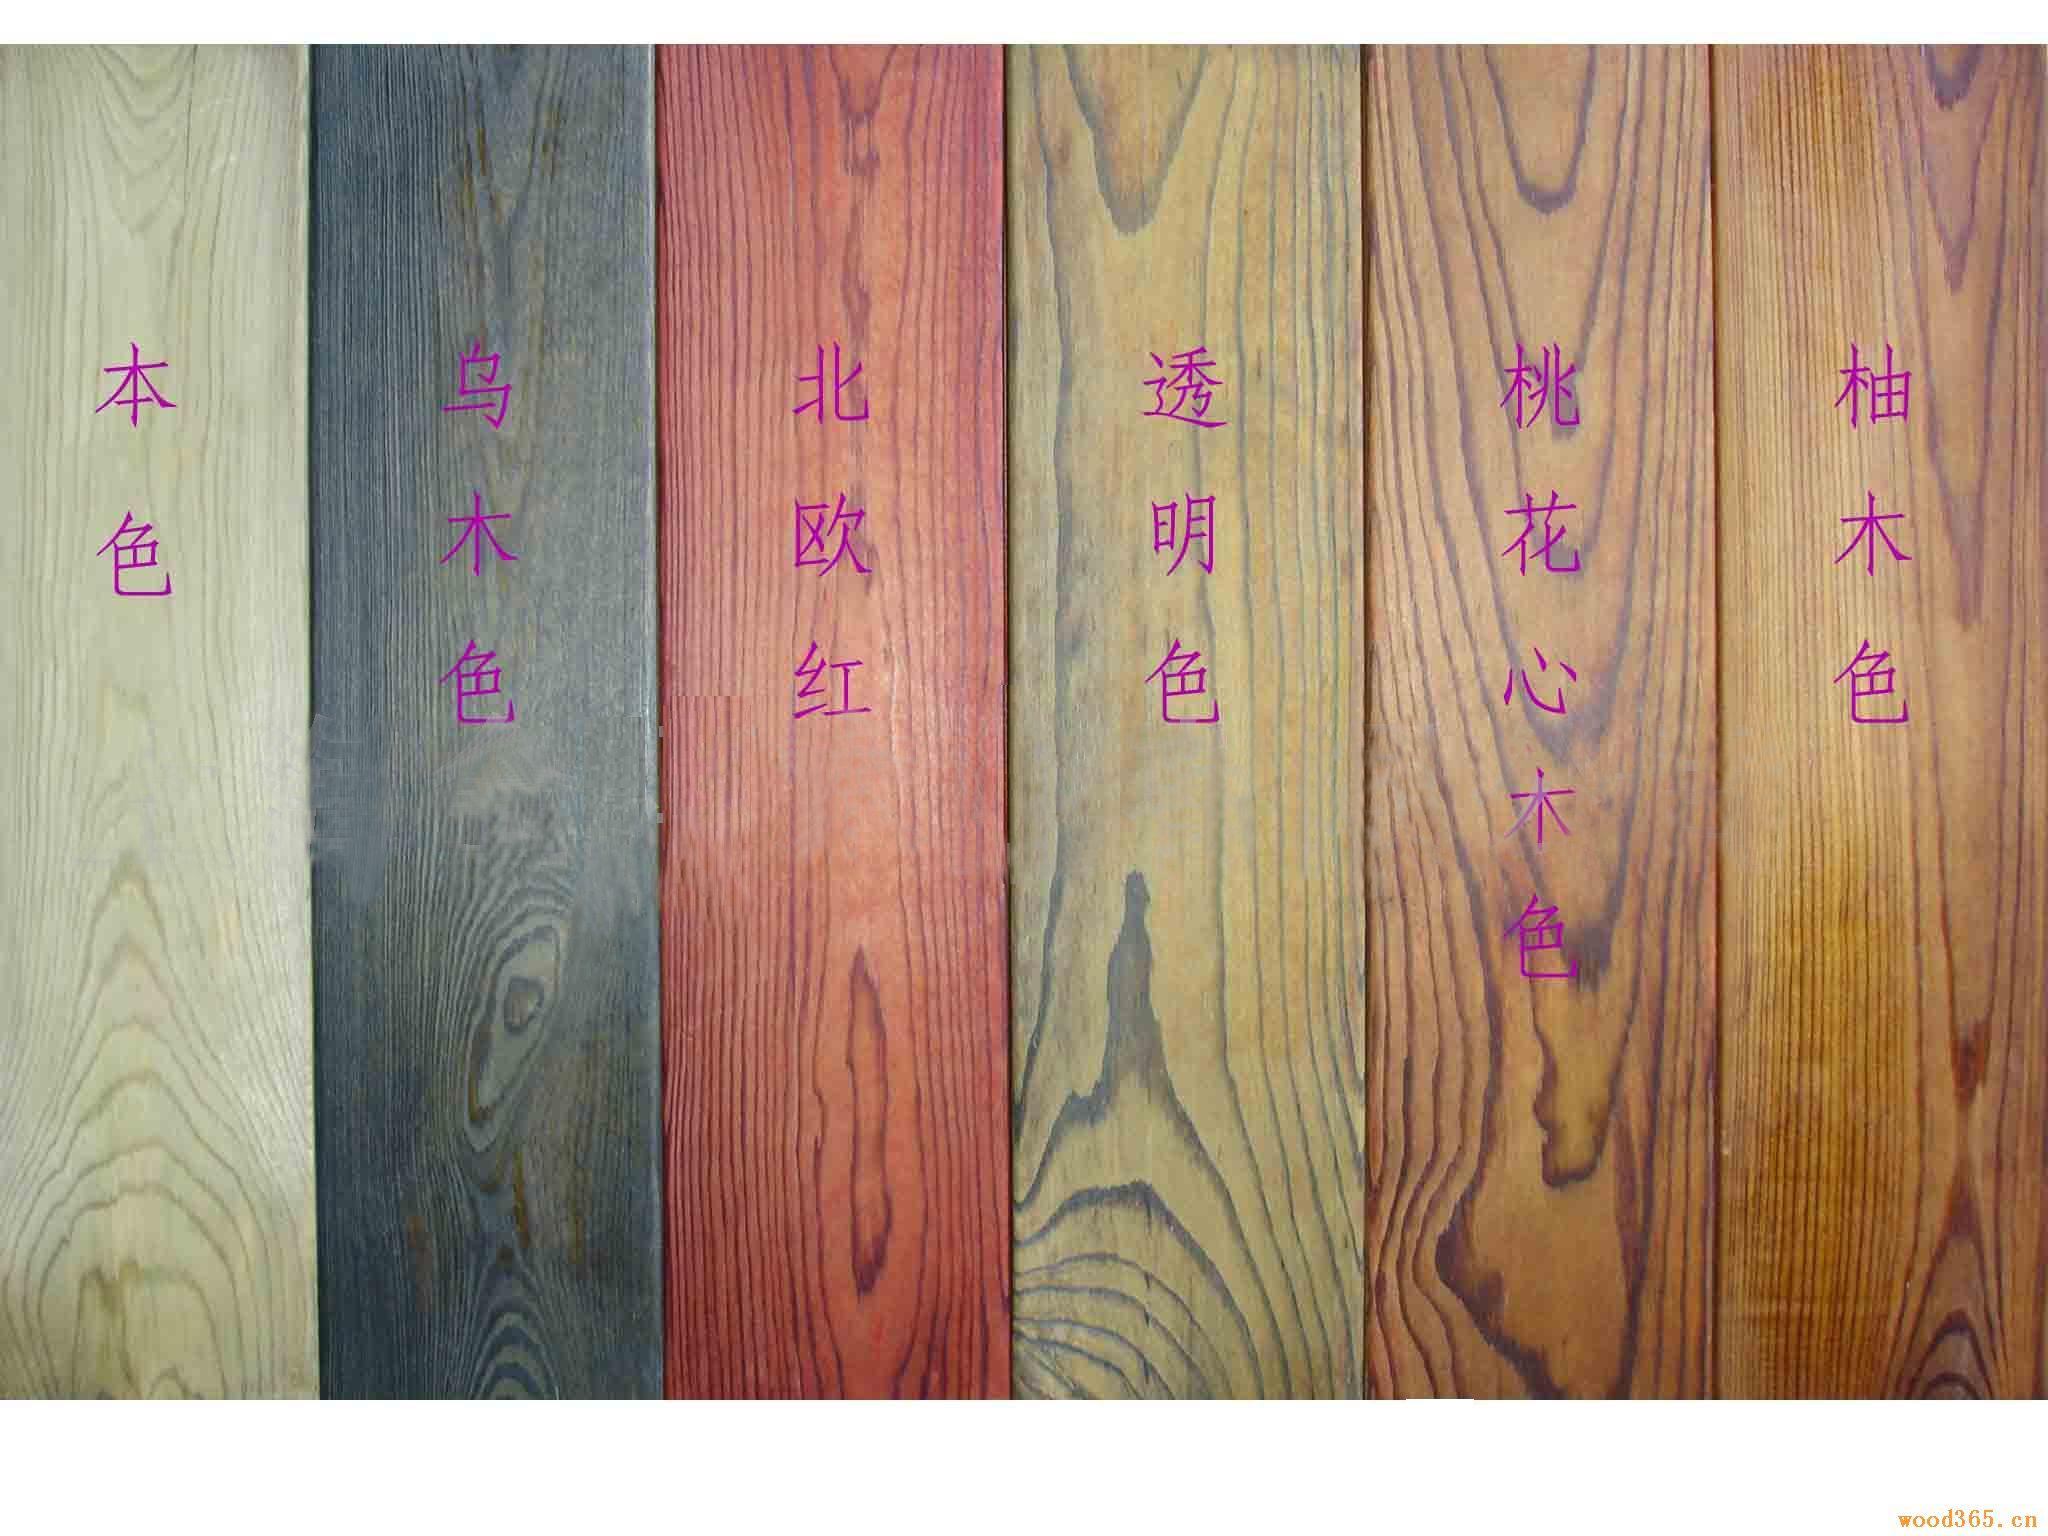 户外木材质贴图